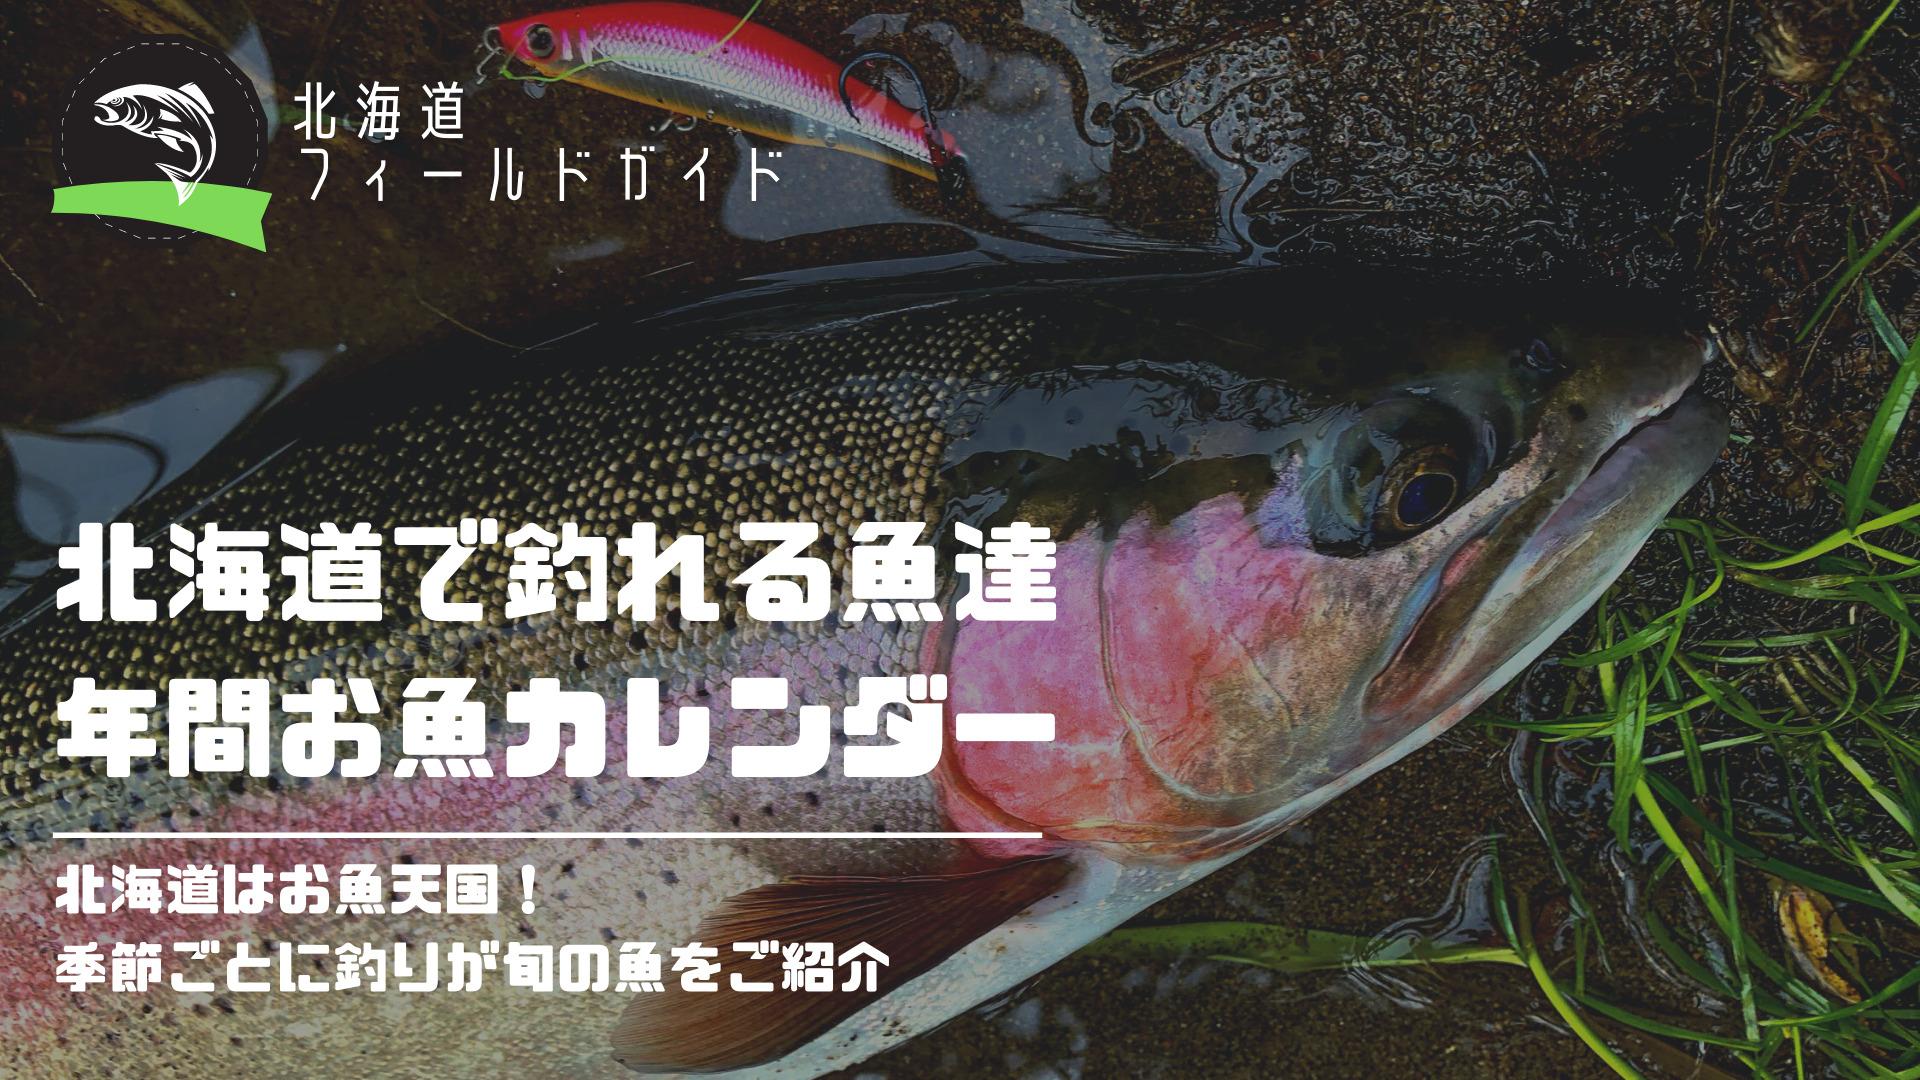 北海道のお魚カレンダー!お魚天国の北海道で季節に釣りの旬をご紹介_サムネイル